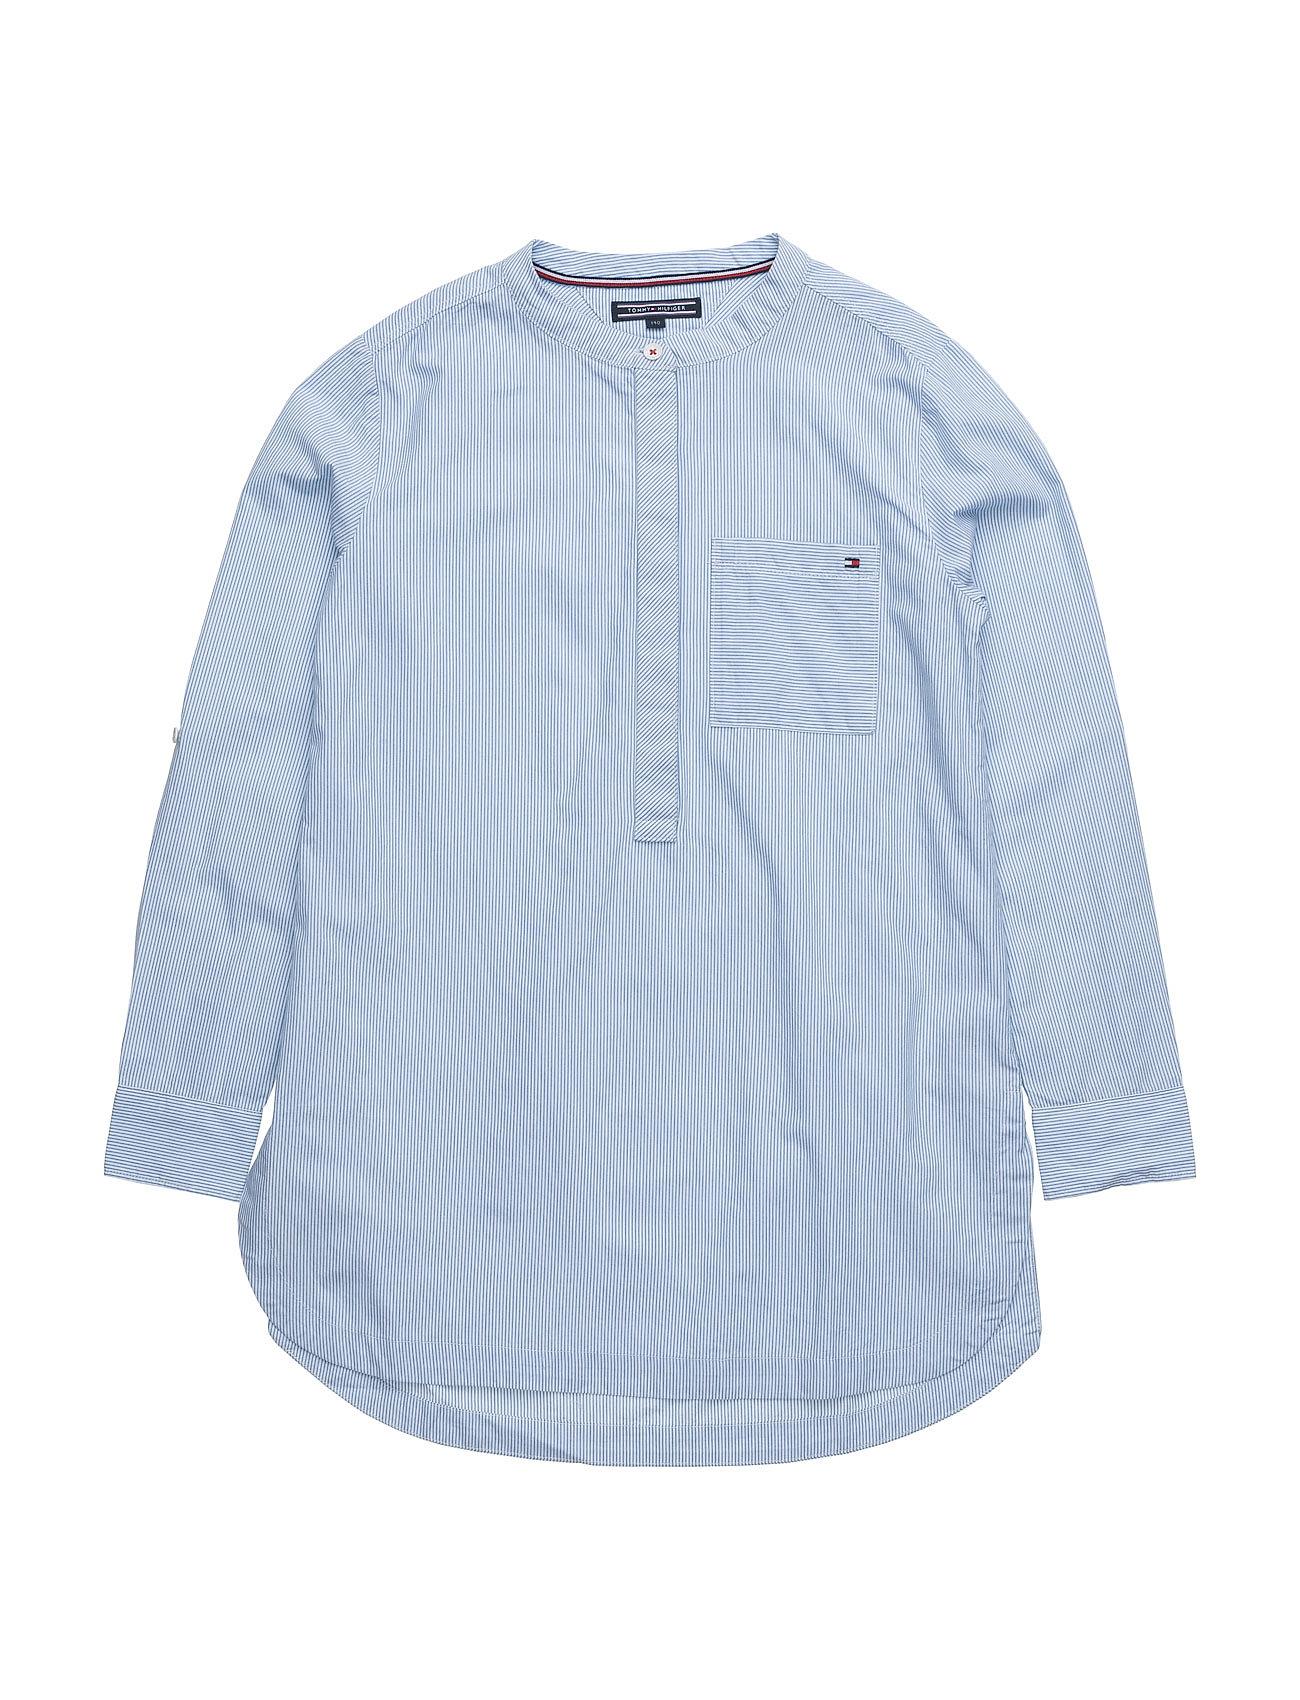 Girls Mini Stripe Shirt L/S Tommy Hilfiger Trøjer til Piger i Blå